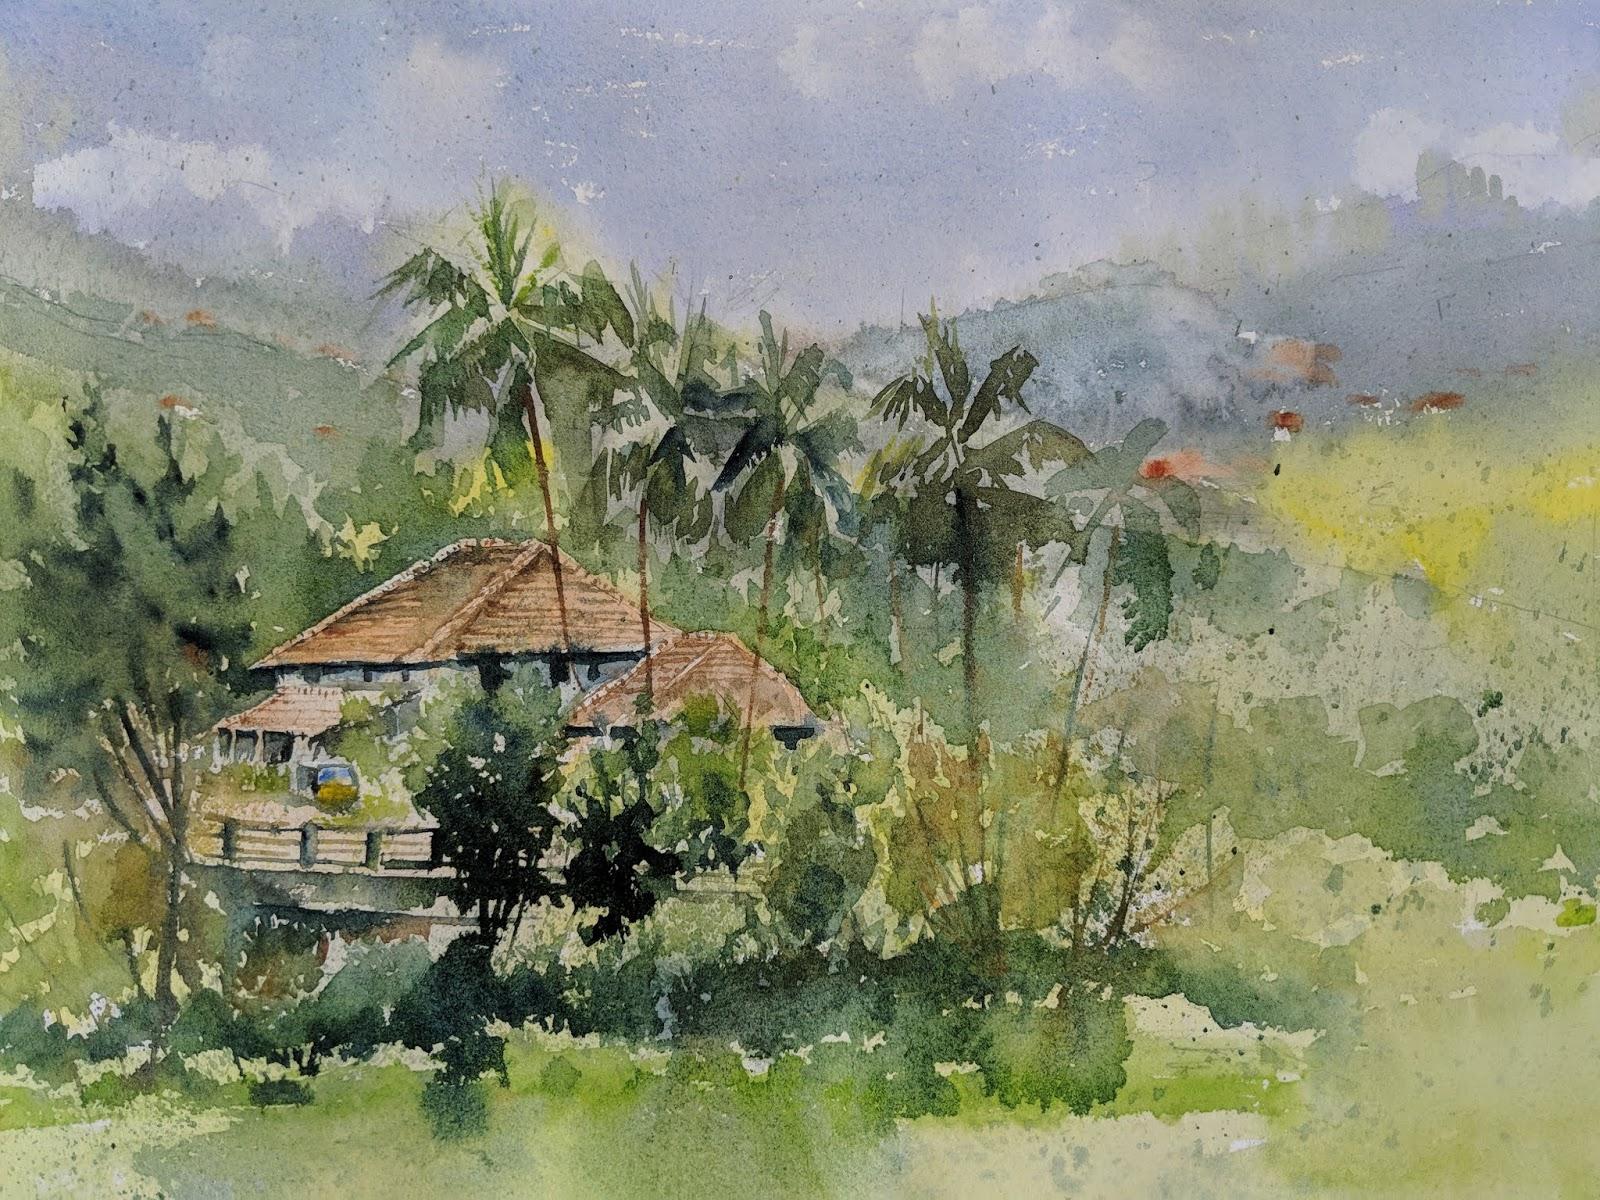 Quaint Abode